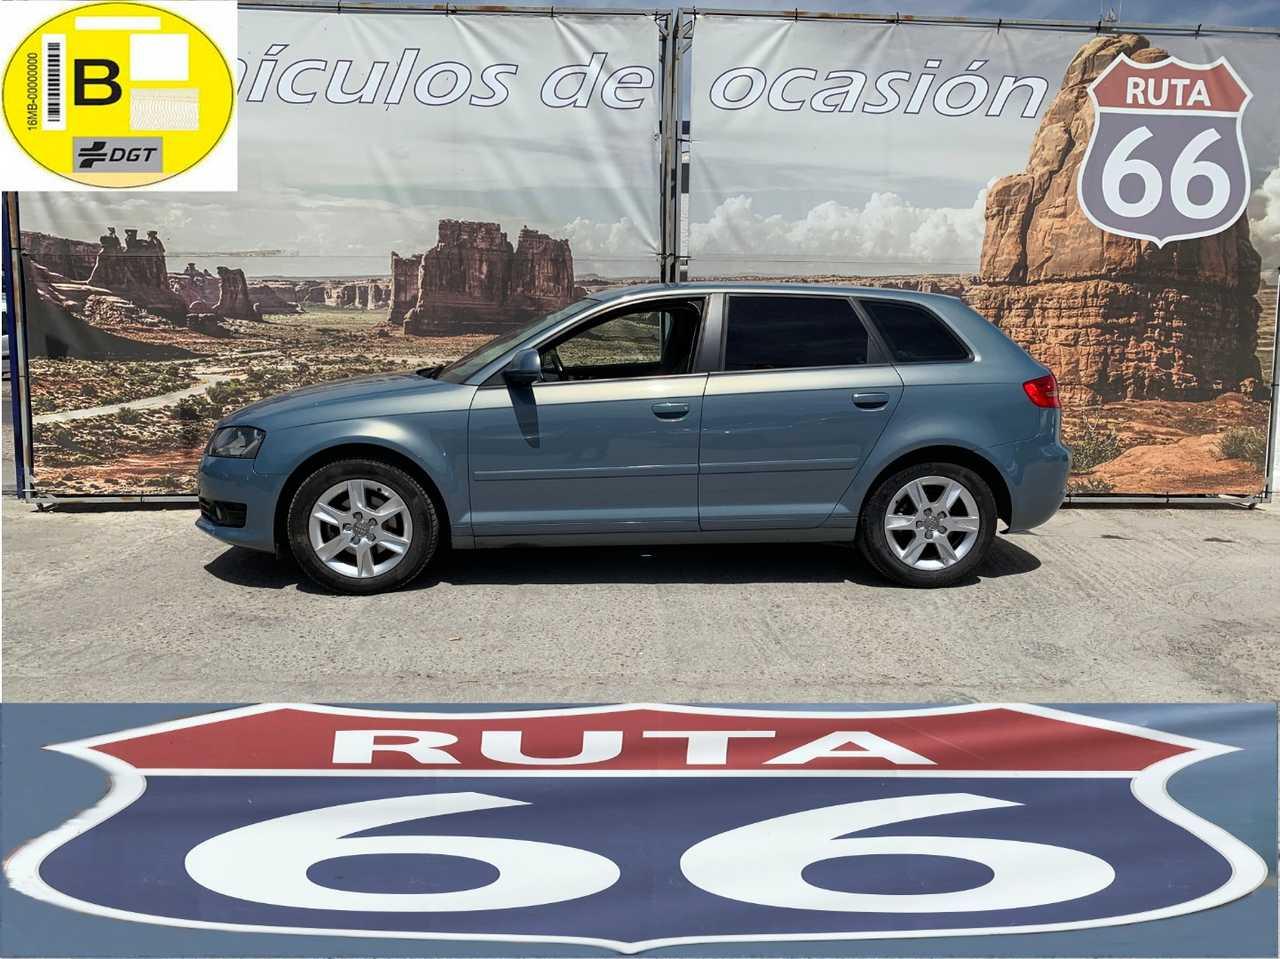 Audi A3 Sportback 1.6 TDI e 105cv Attraction ...  - Foto 1